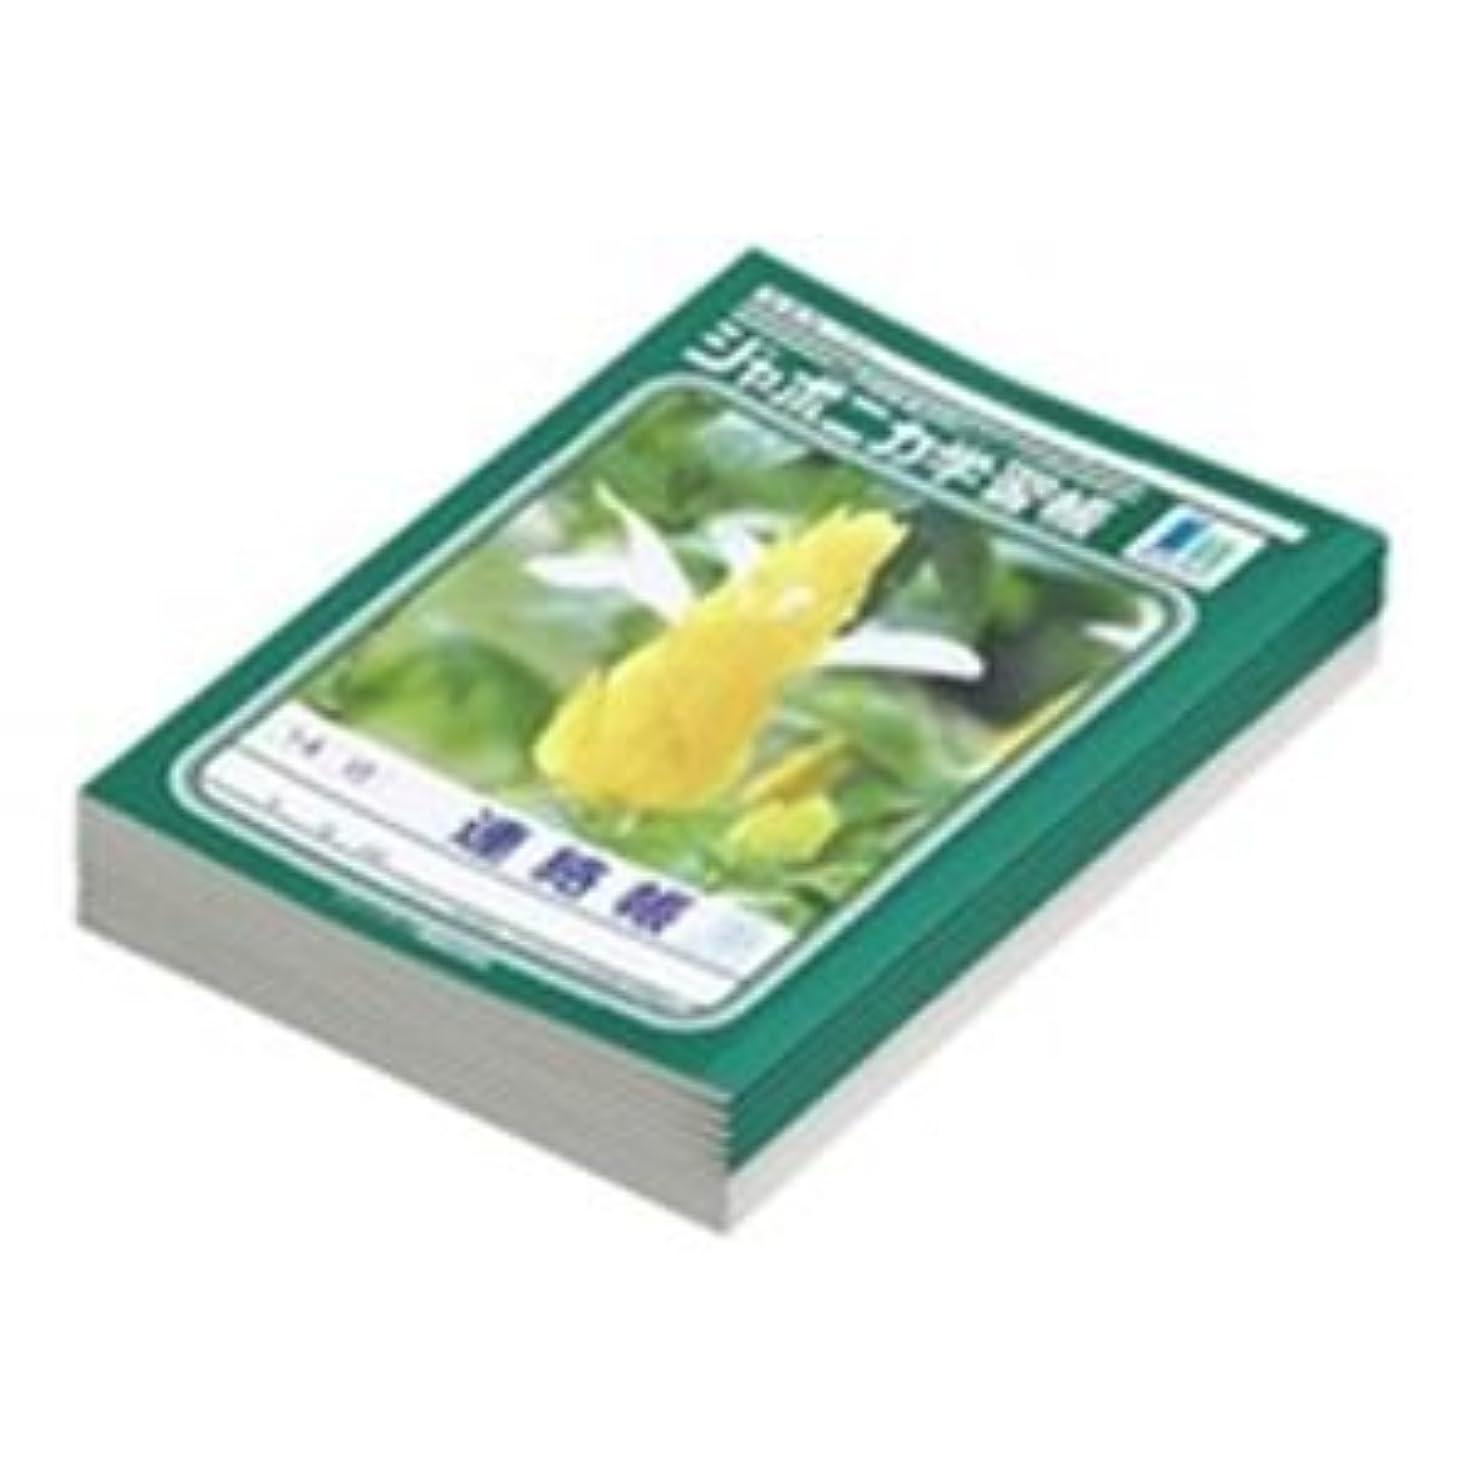 コンテンツ不確実パス(業務用30セット) ショウワノート 連絡帳 JL-67 10冊入 ×30セット